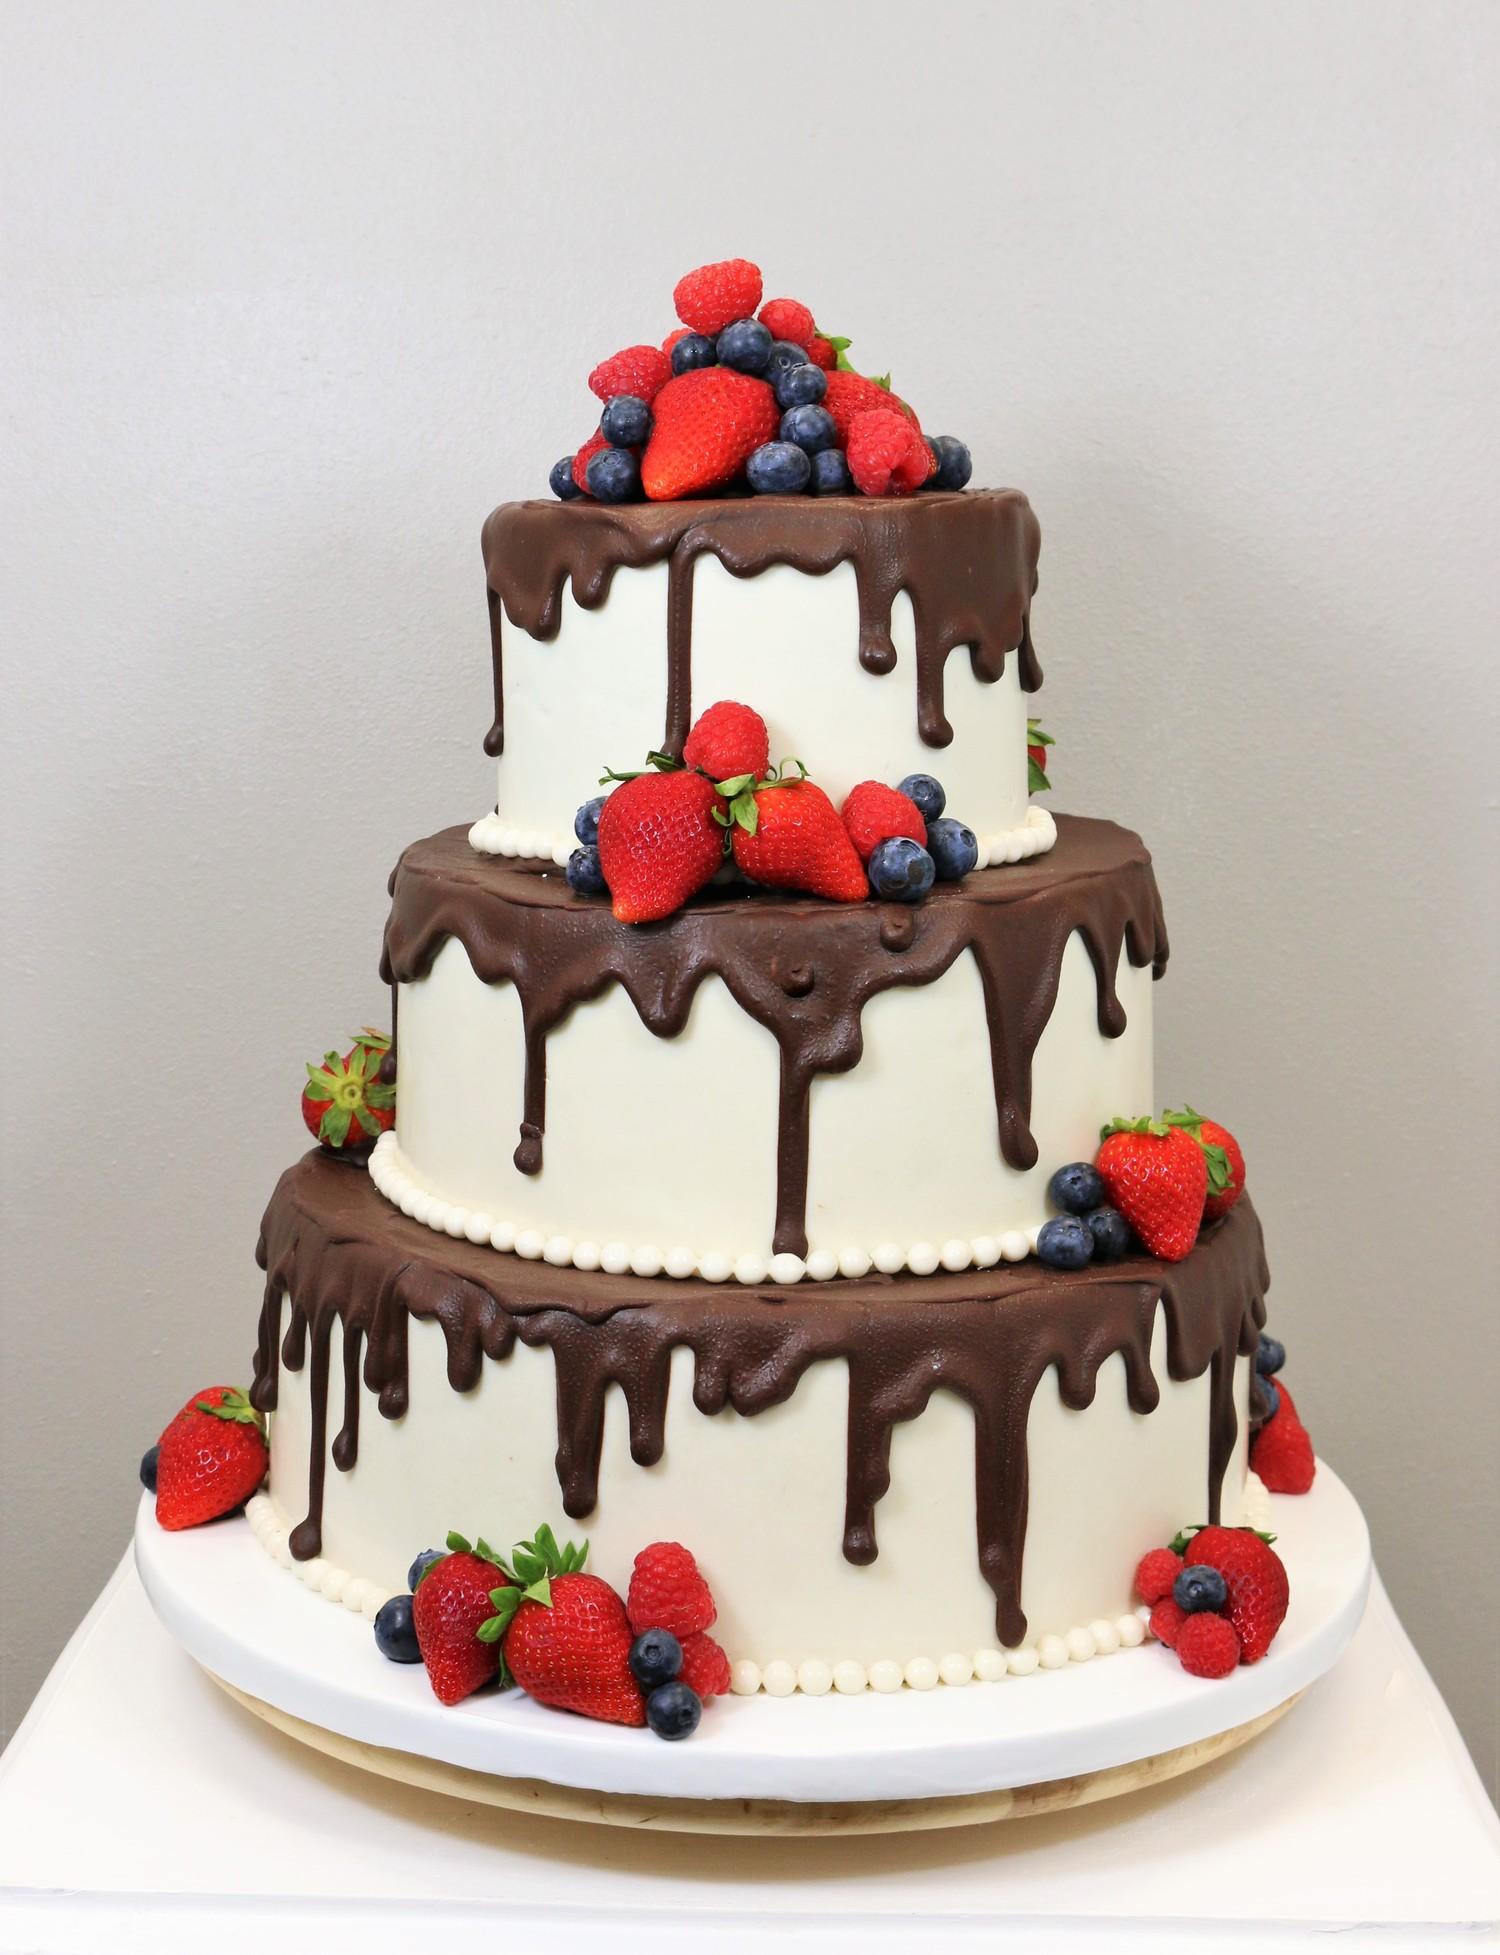 3 Stöckige Hochzeitstorte Mit Schokolade Und Beeren Barbara